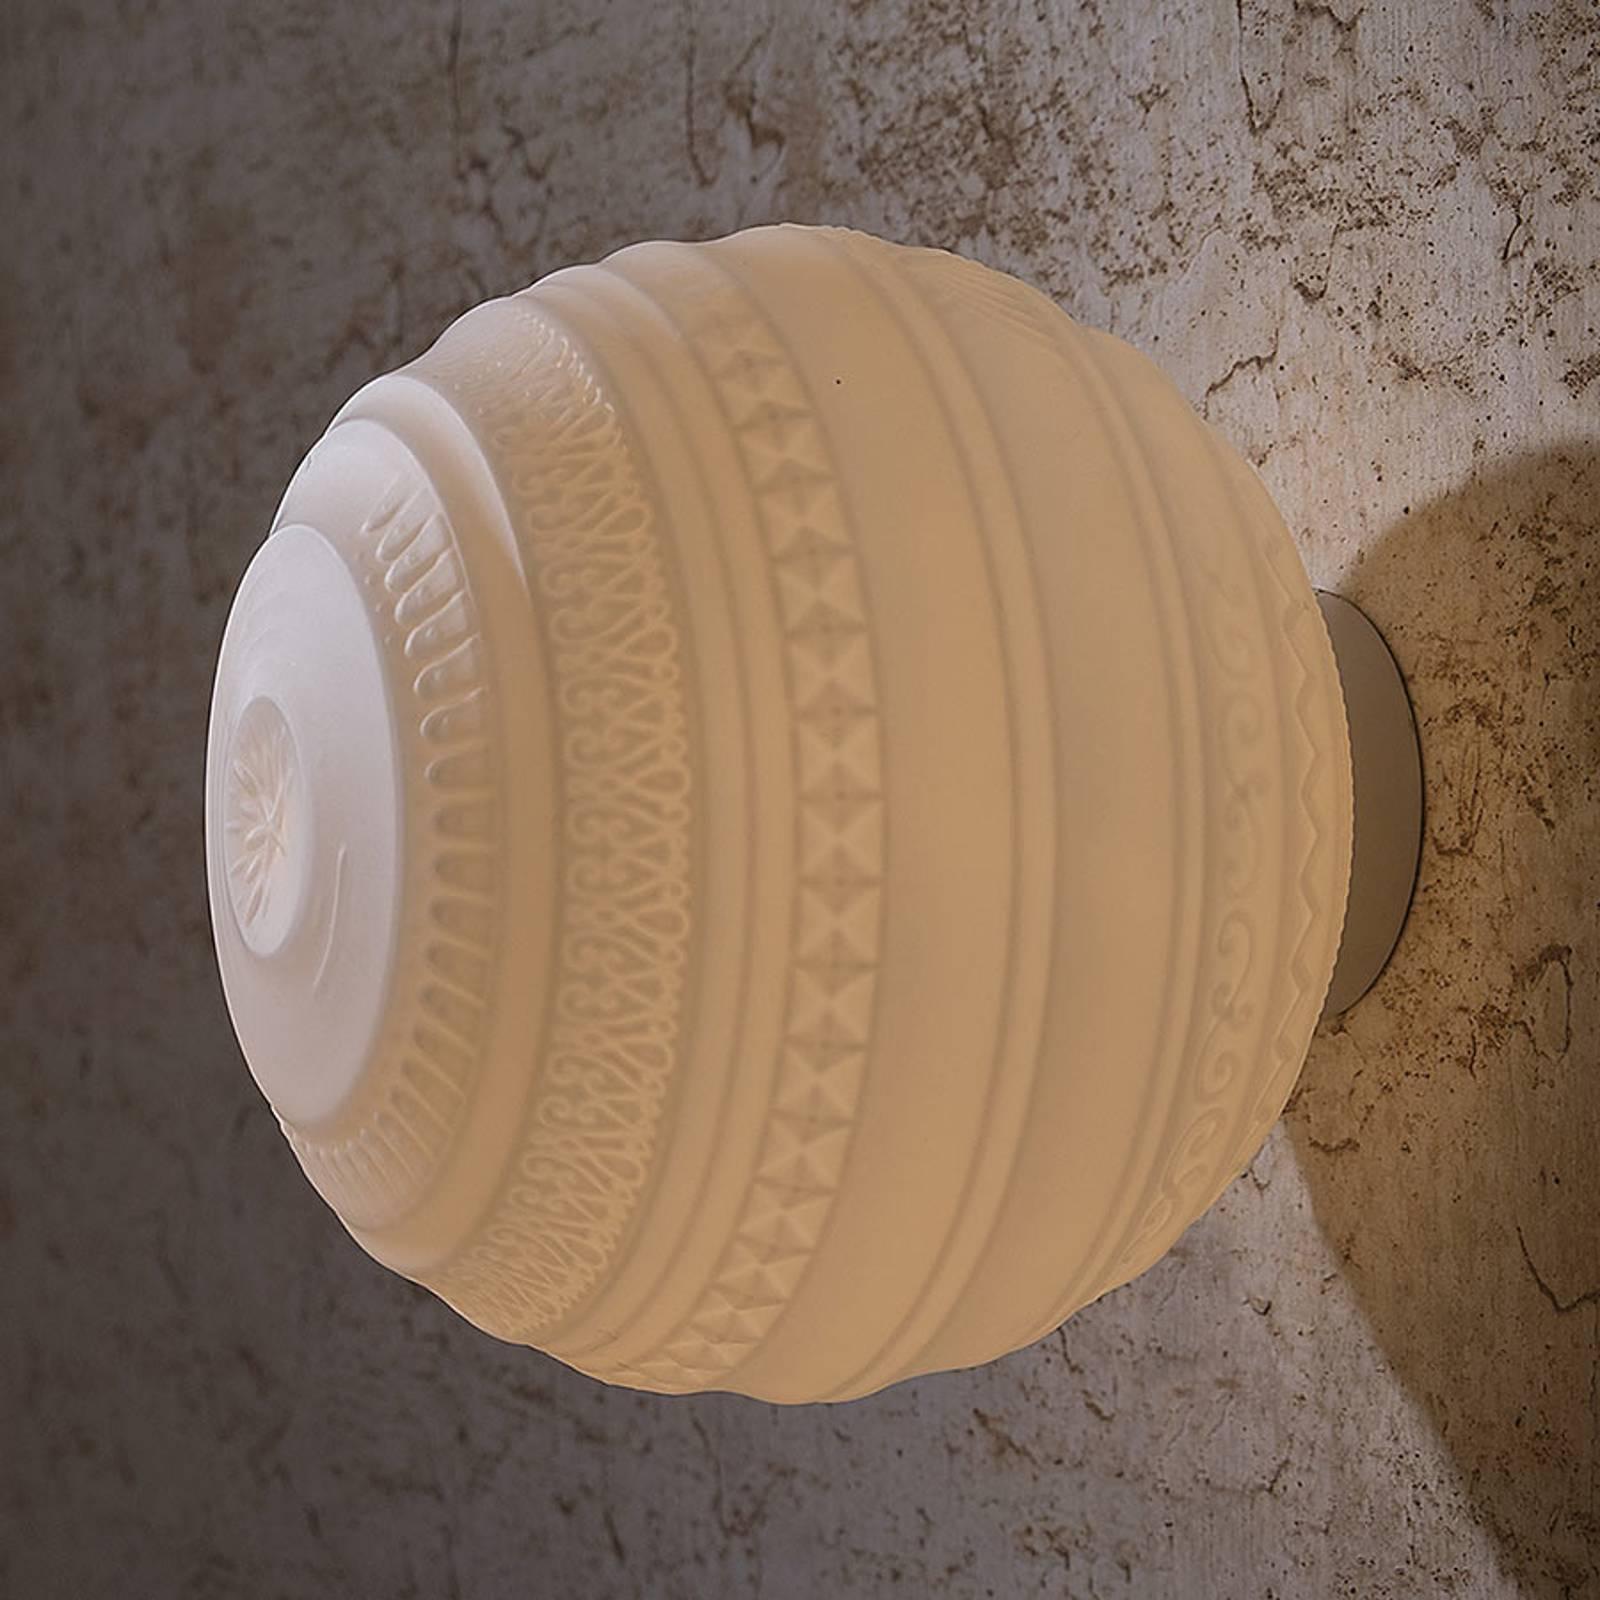 Karman Braille - applique de designer, 25cm